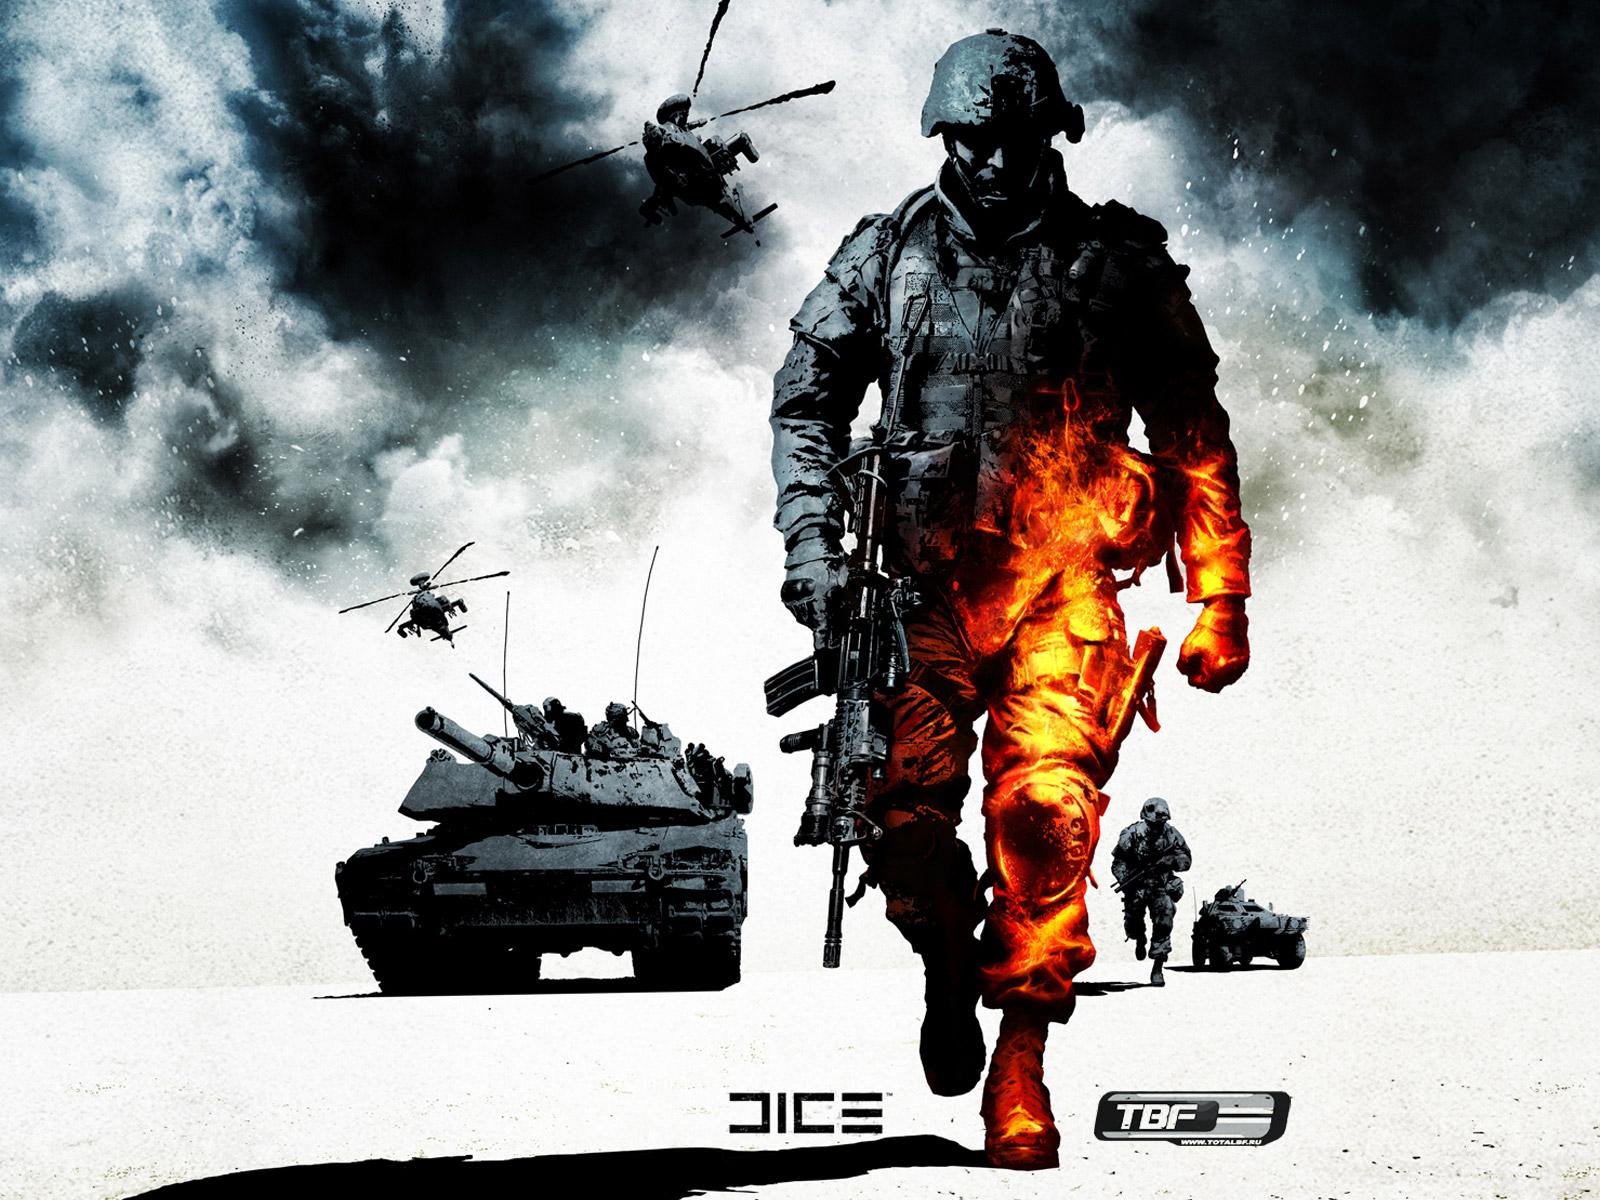 http://1.bp.blogspot.com/_d4myNnurUeA/S62Hf1jKo0I/AAAAAAAAAA8/O5fSI68CEQE/s1600/battlefield_bad_company_2-normal.jpg